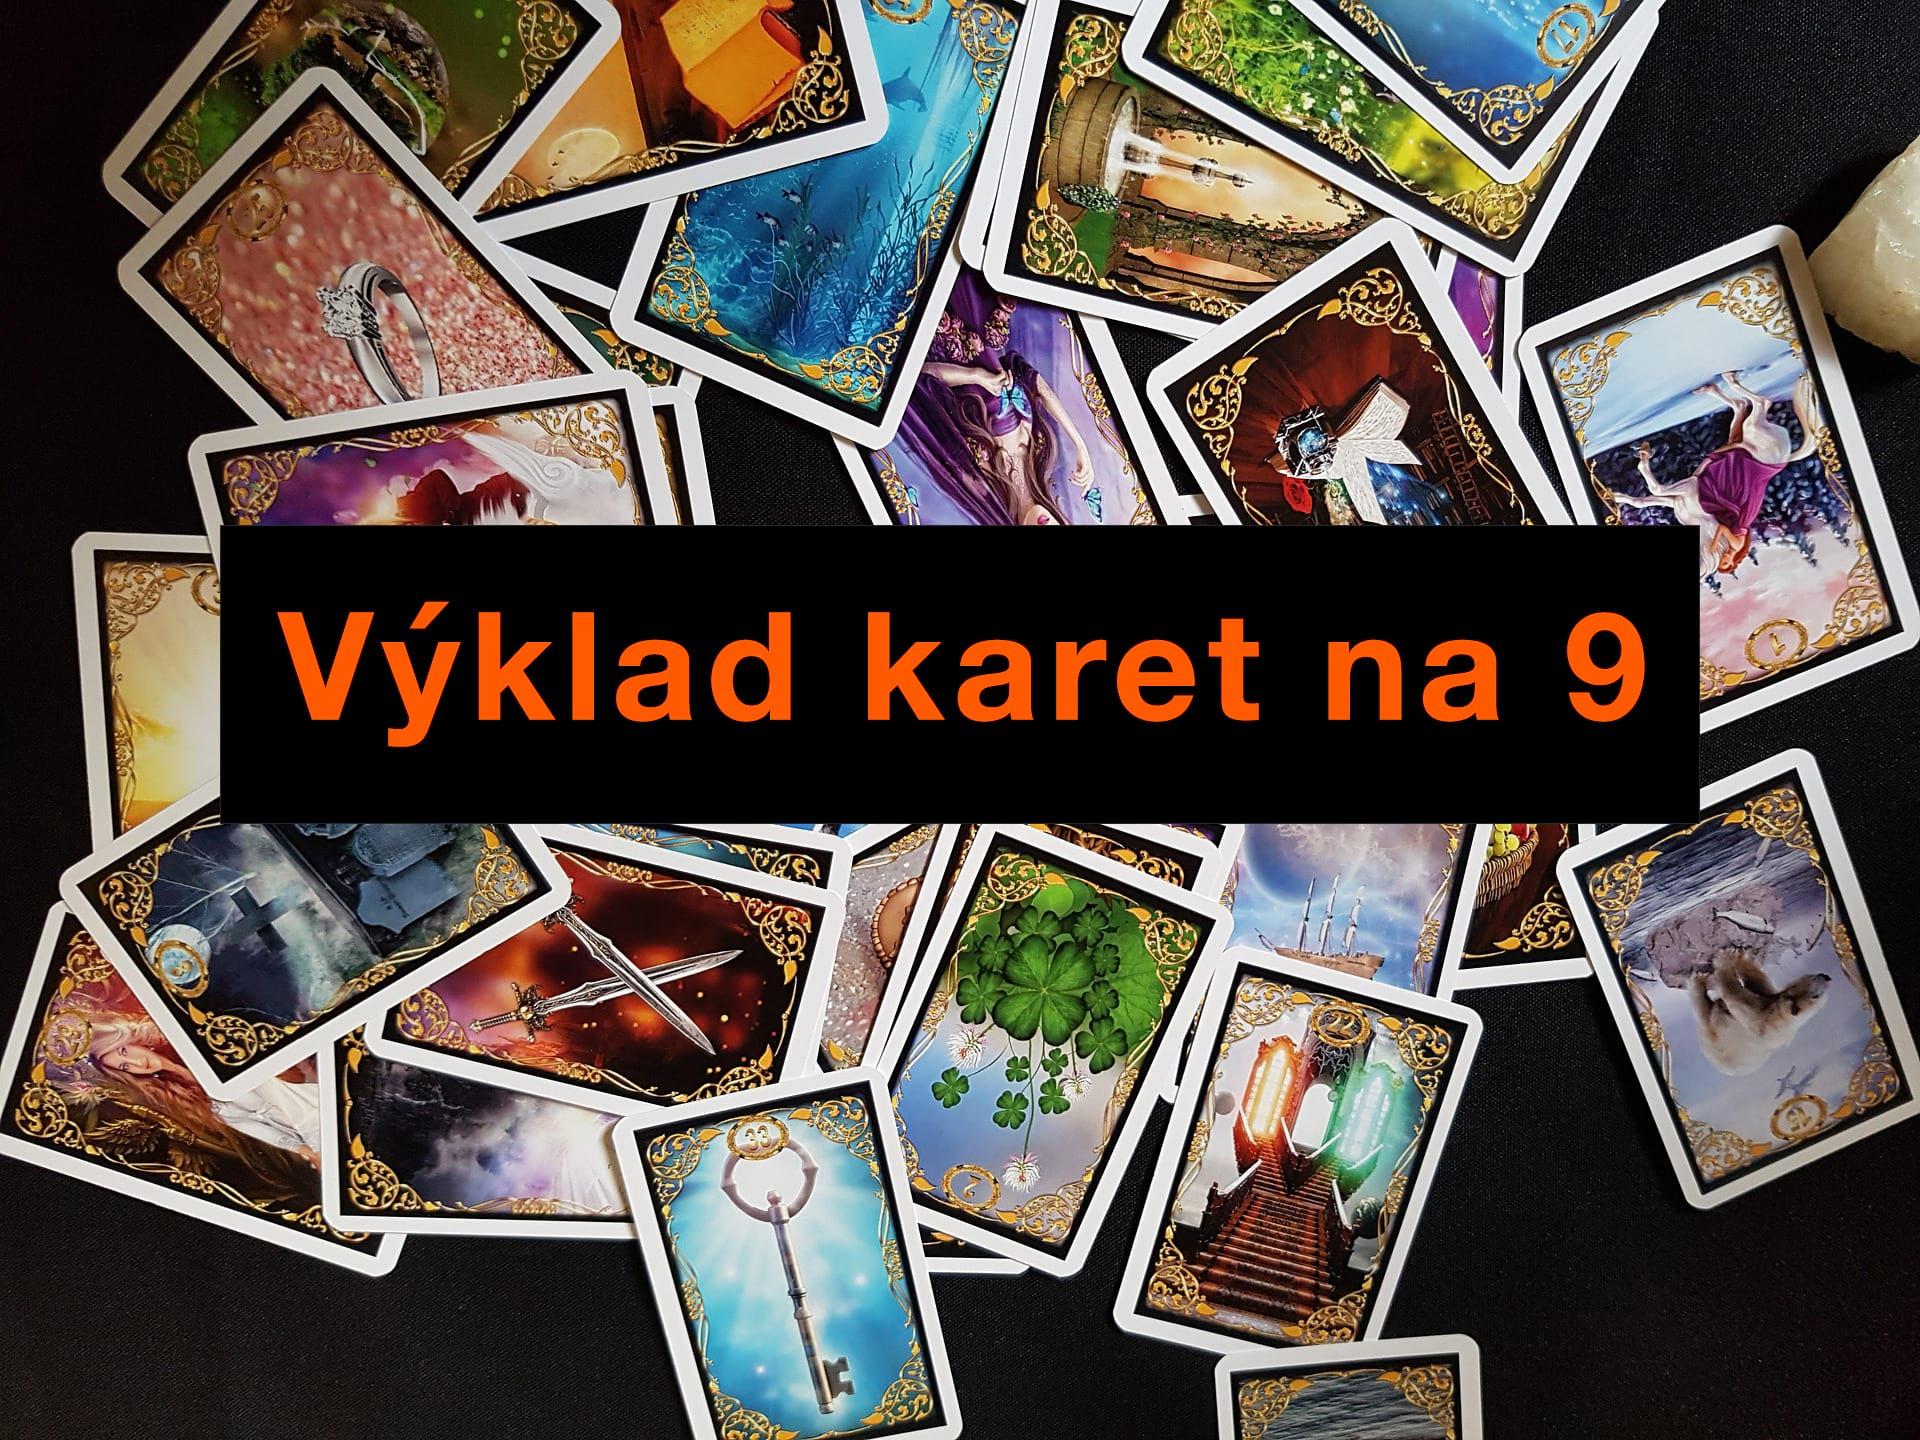 e-věštírna 24/7